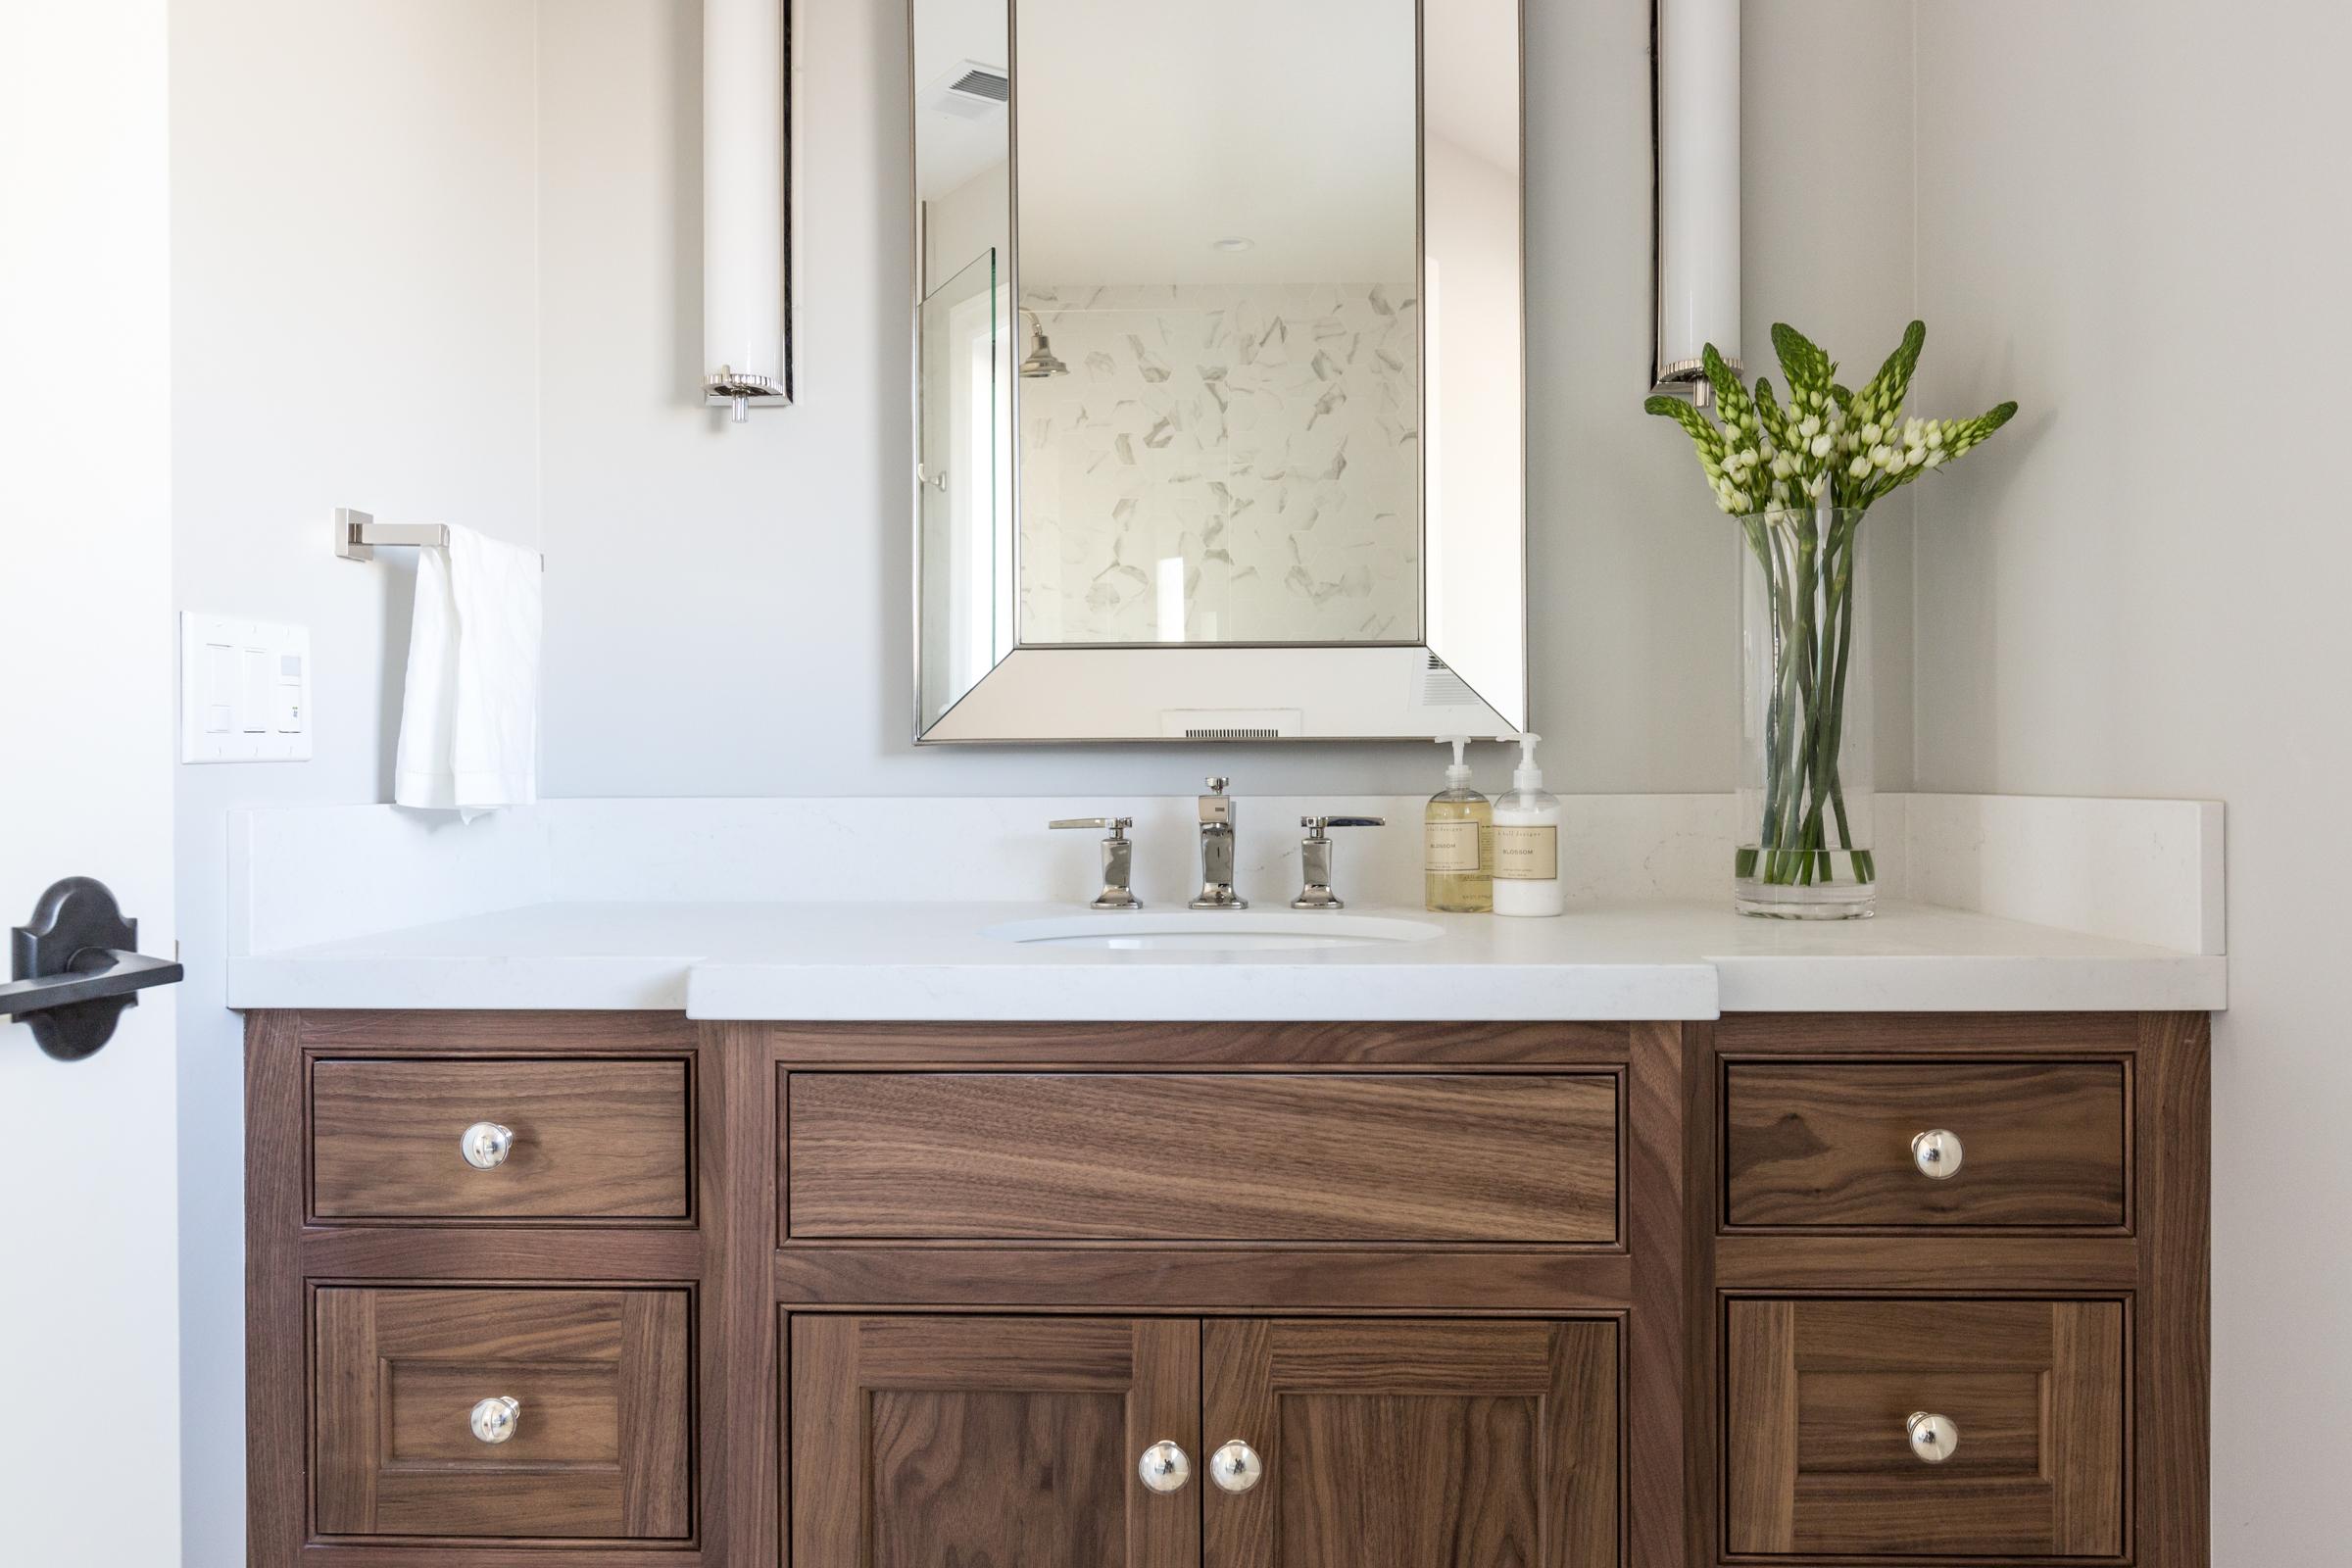 celeste_bathrooms-20.jpg